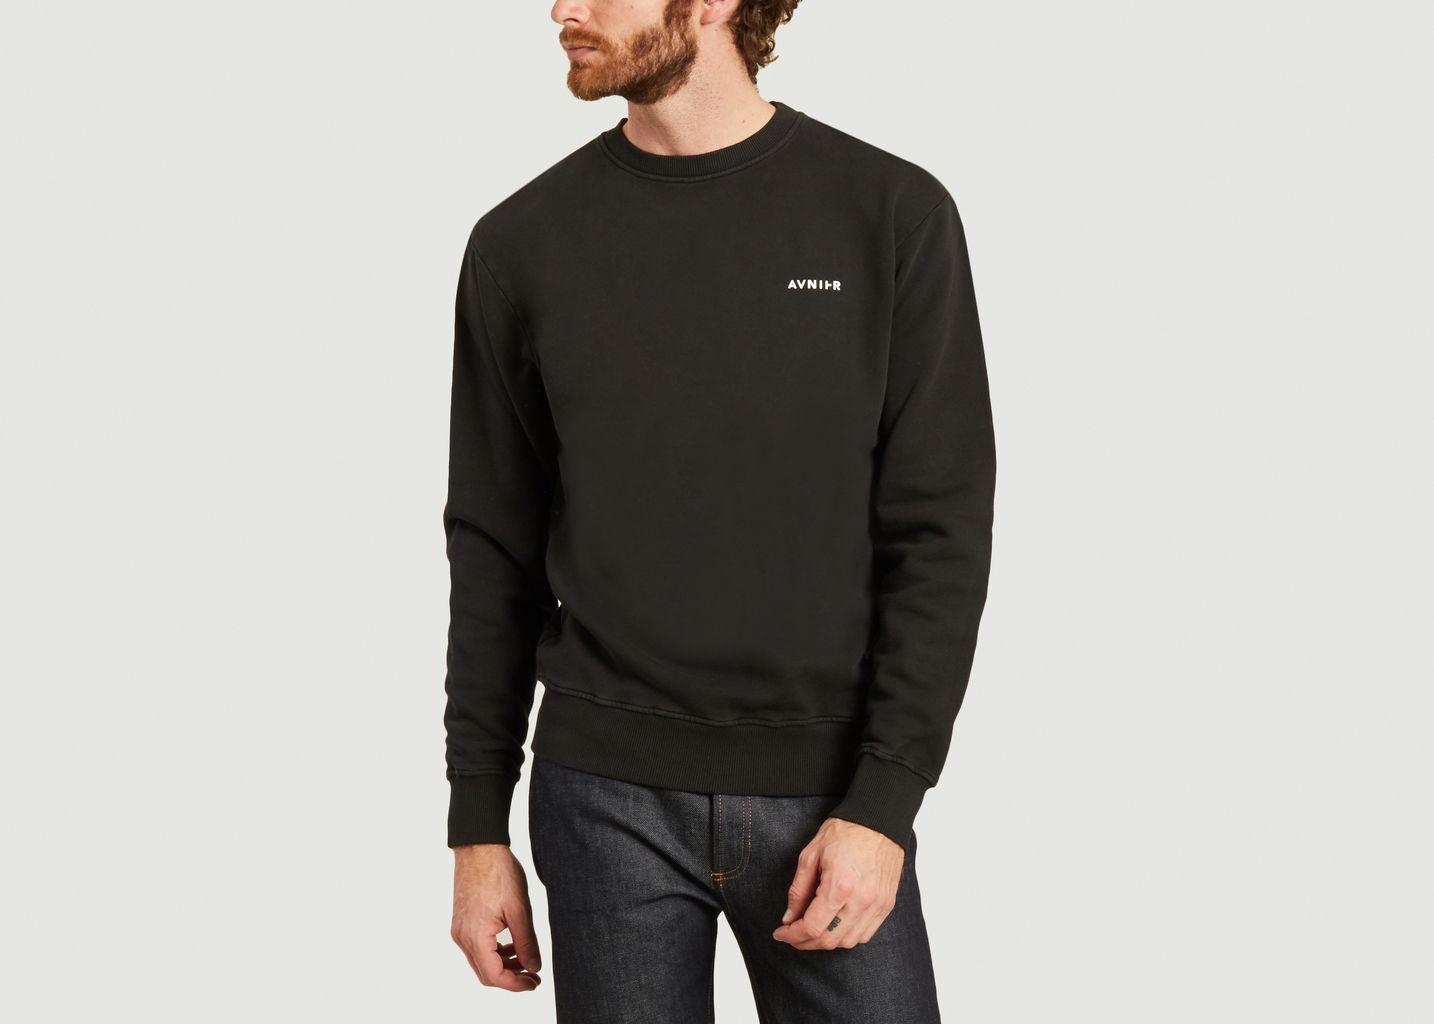 Sweatshirt Heart en coton biologique - AVNIER